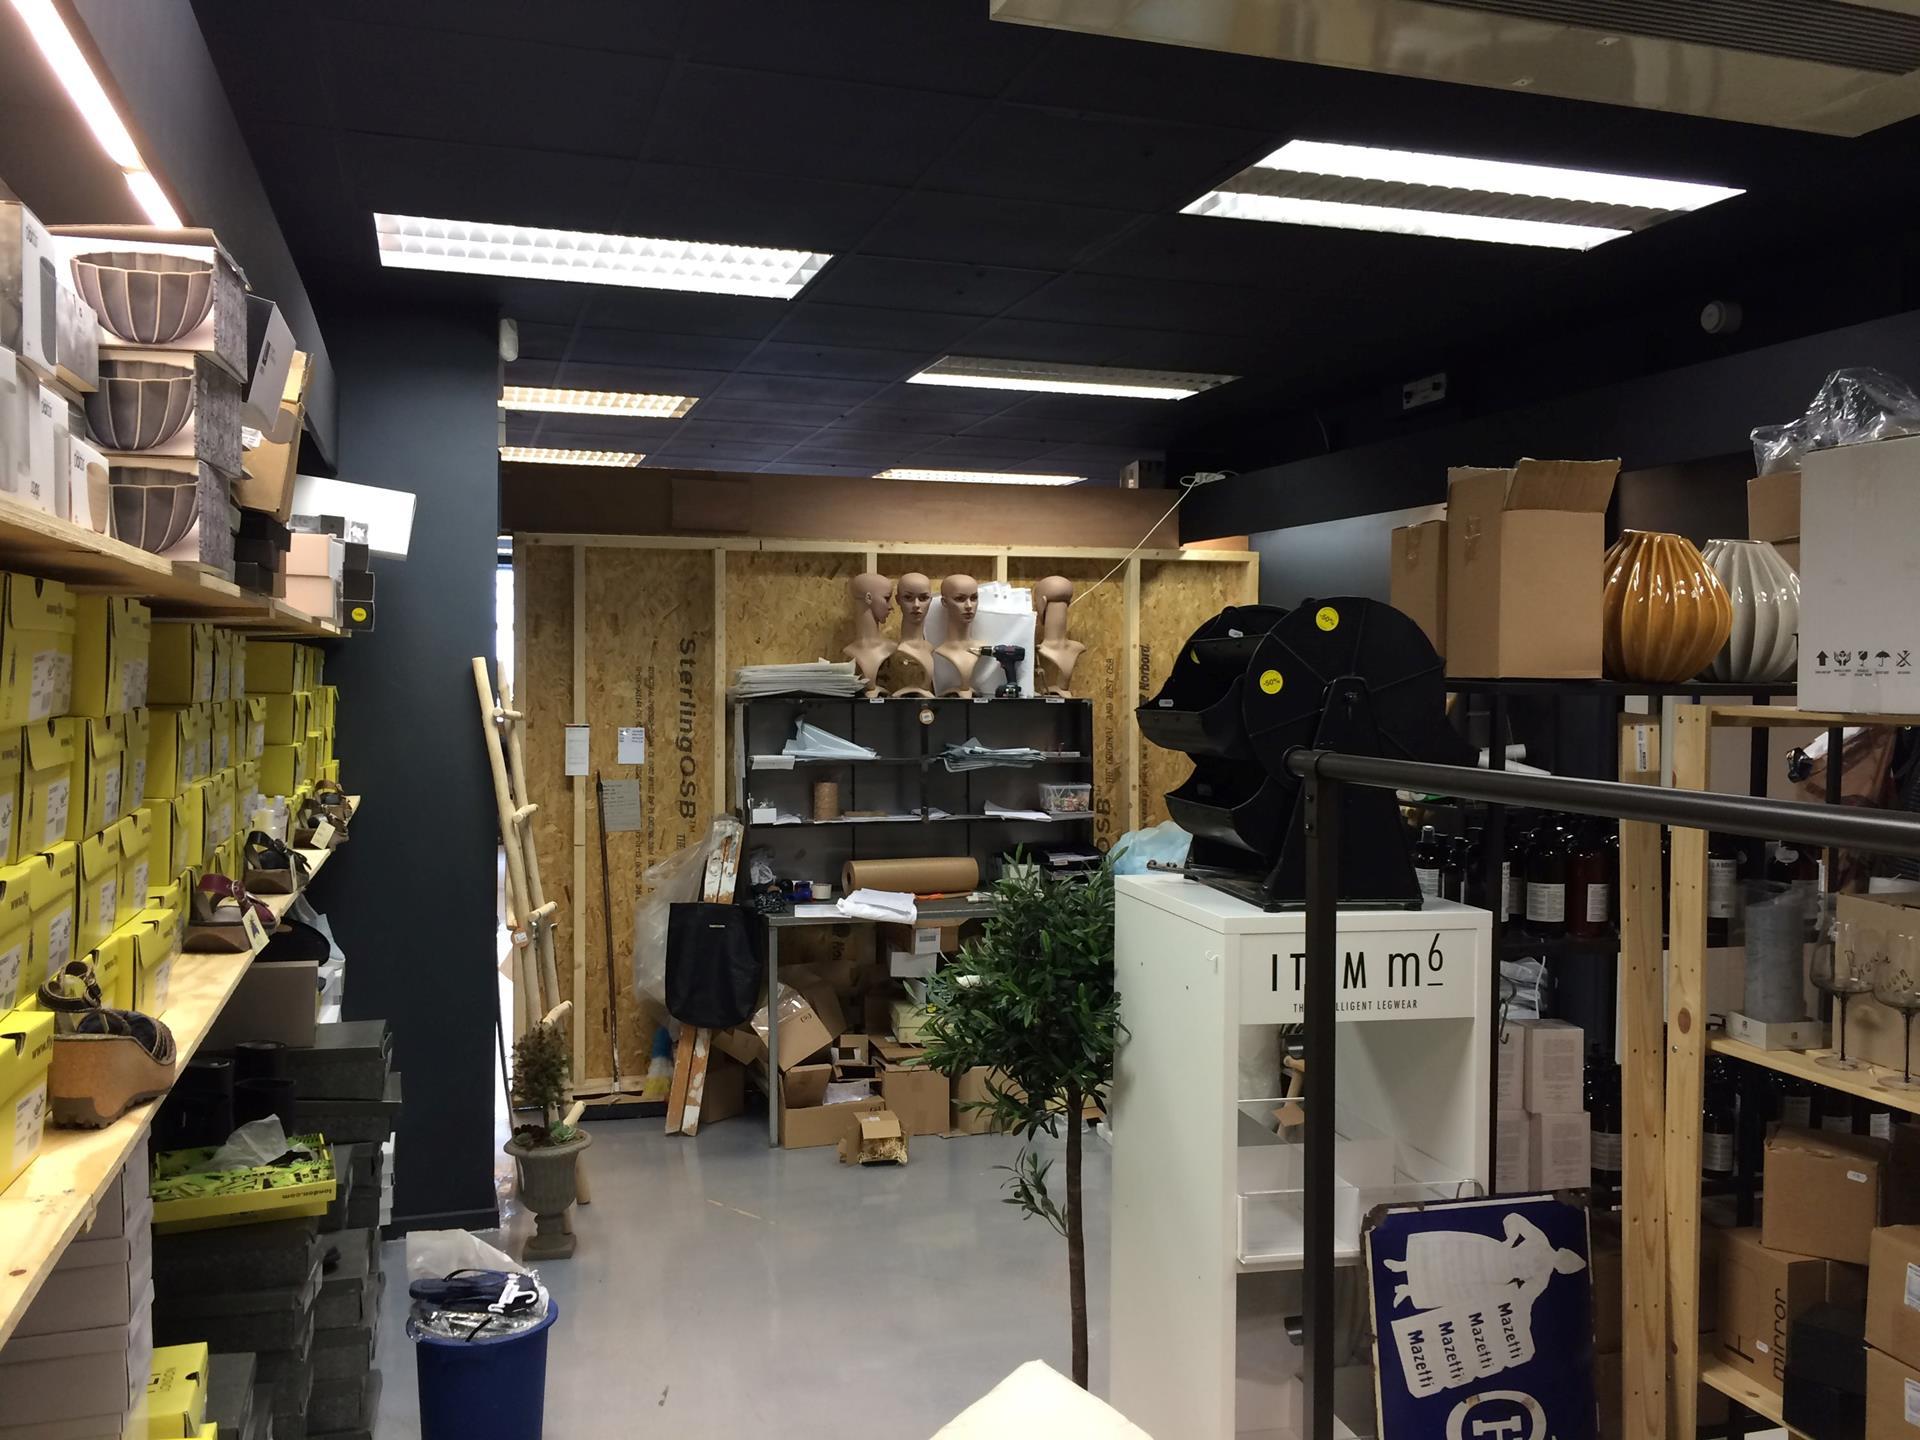 Bolig/erhverv på Langgade i Nykøbing F - Butik